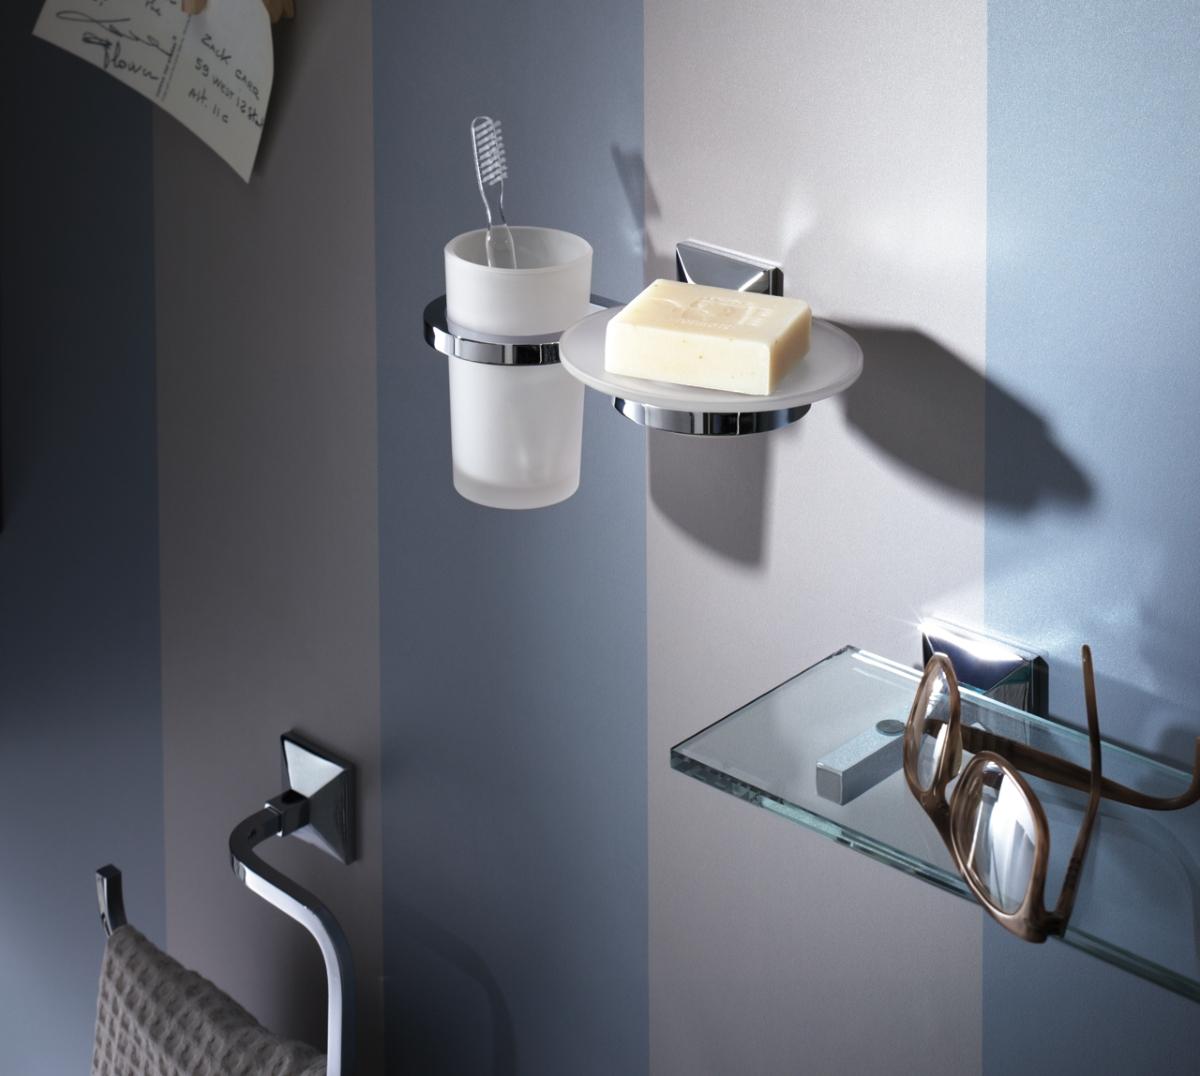 Zubehör moderne und raffinierte Badezimmer, Zahnbürstenhalter, Seifenschale